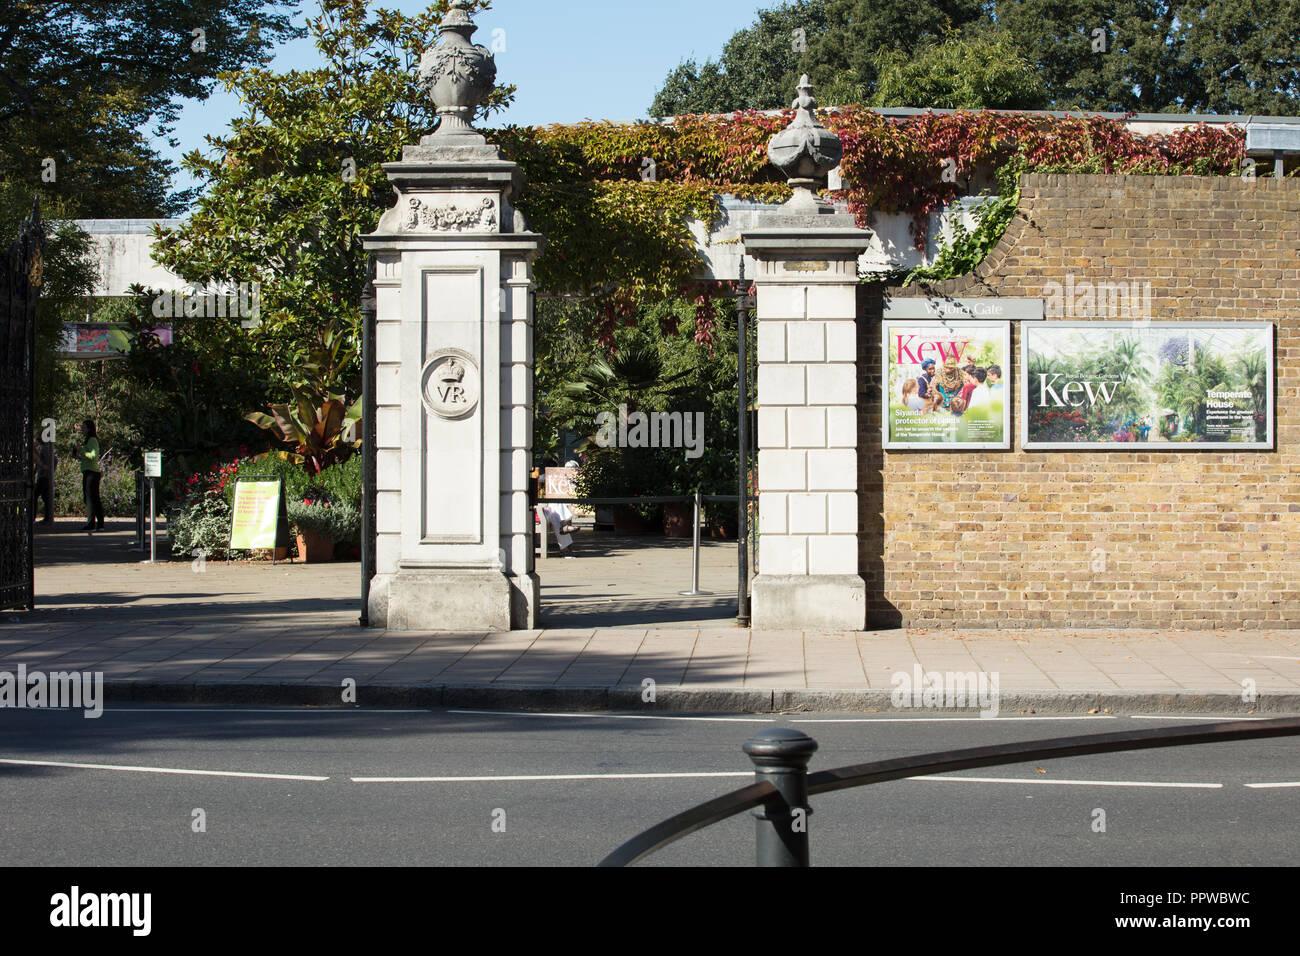 Royal Botanic Gardens di Kew, Richmond, Londra, Regno Unito, storico Victoria Gate dal 1889 vicino a Kew stazione della metropolitana, estate piante visualizzati in pentole. Foto Stock